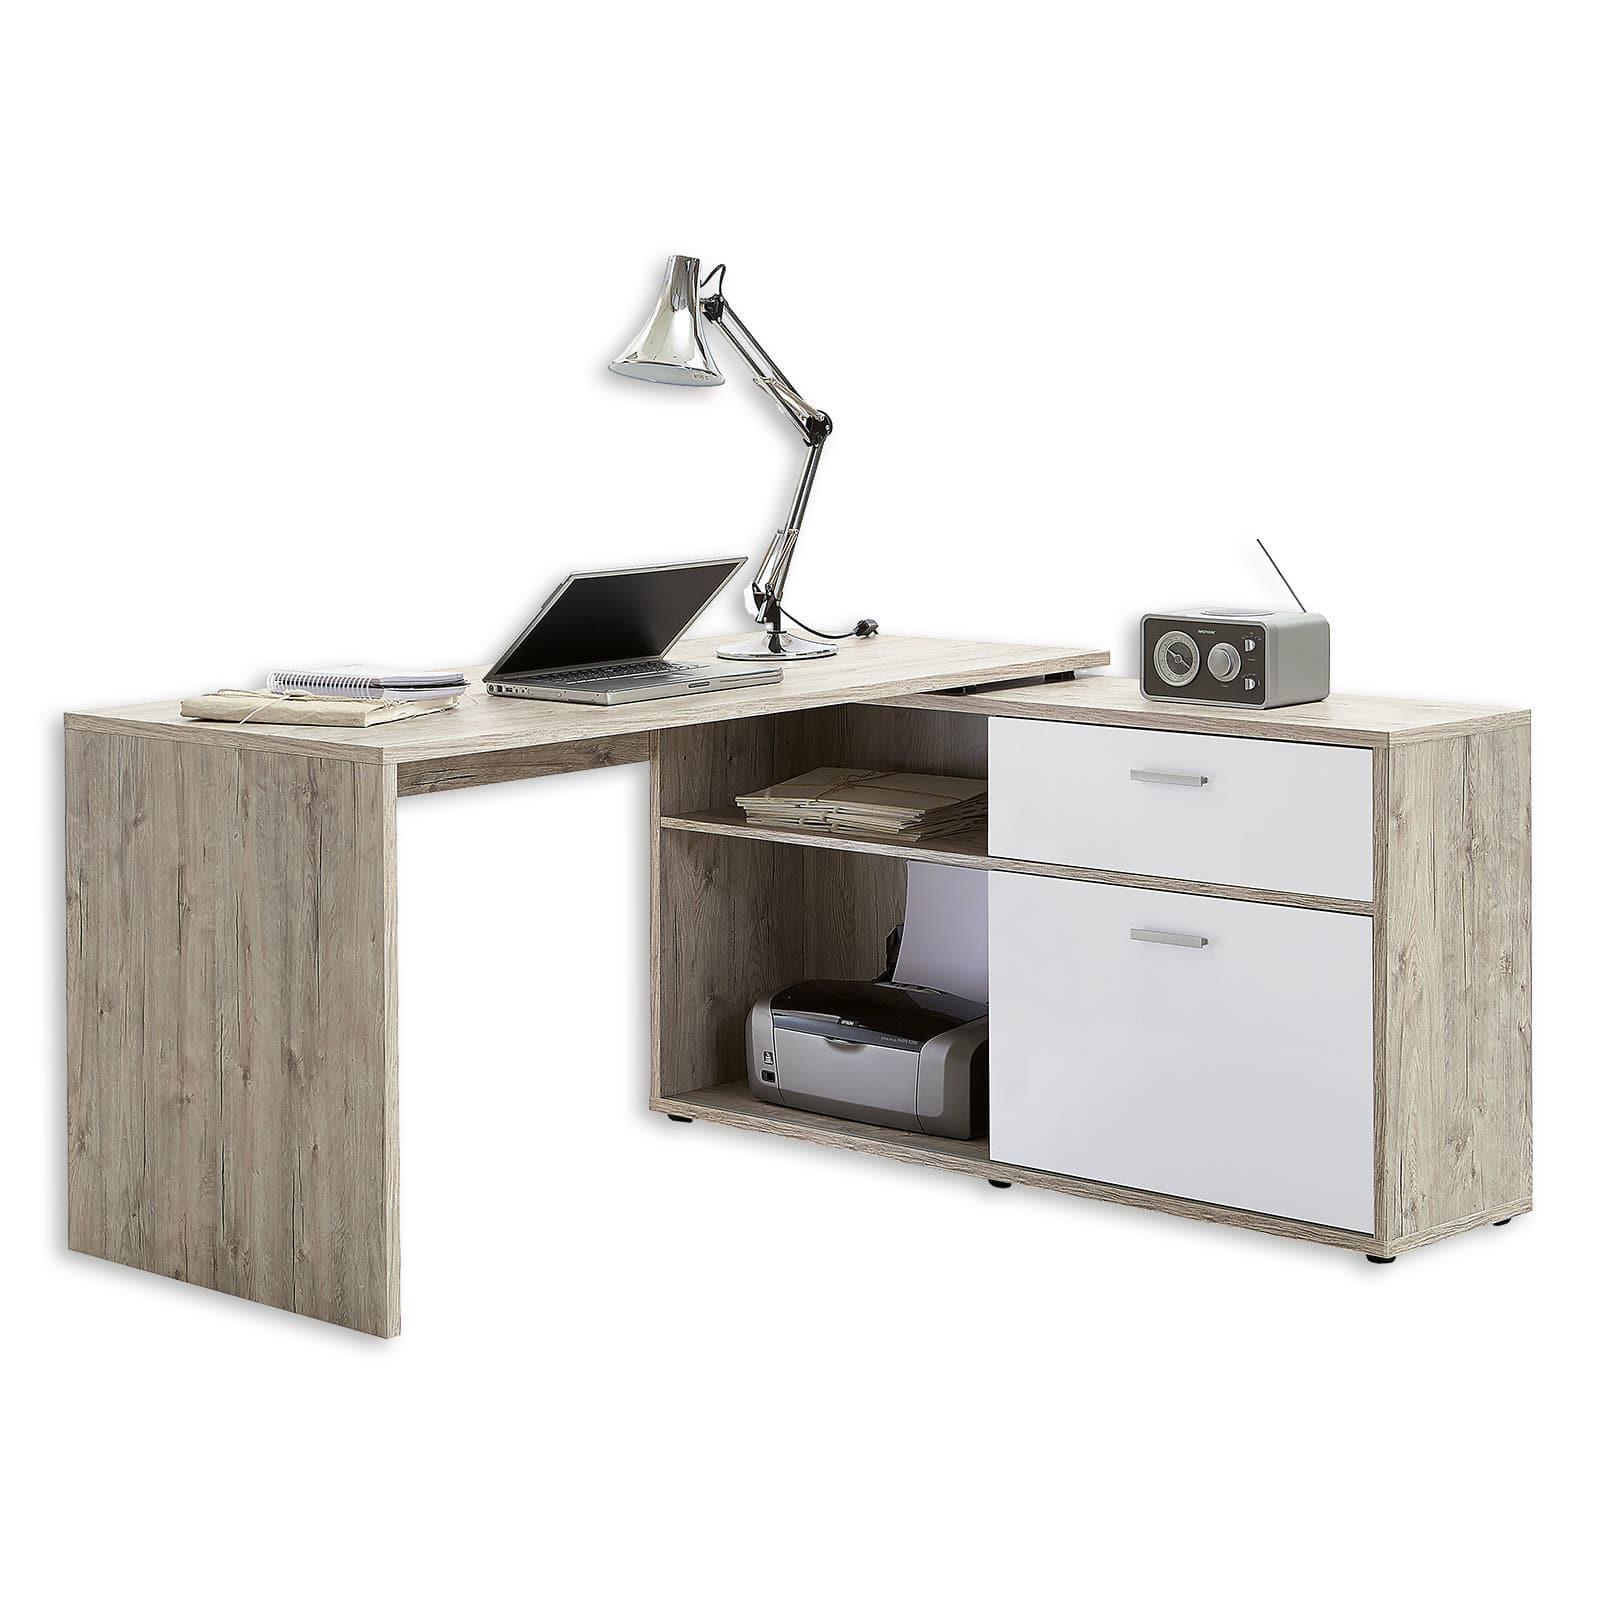 Full Size of Regal Schreibtisch Ikea Regalaufsatz Integriert Kombination Klappbar Mit Selber Bauen Integriertem Kisten Raumtrenner Hoch Kinderzimmer Weiß Weiss Regal Regal Schreibtisch